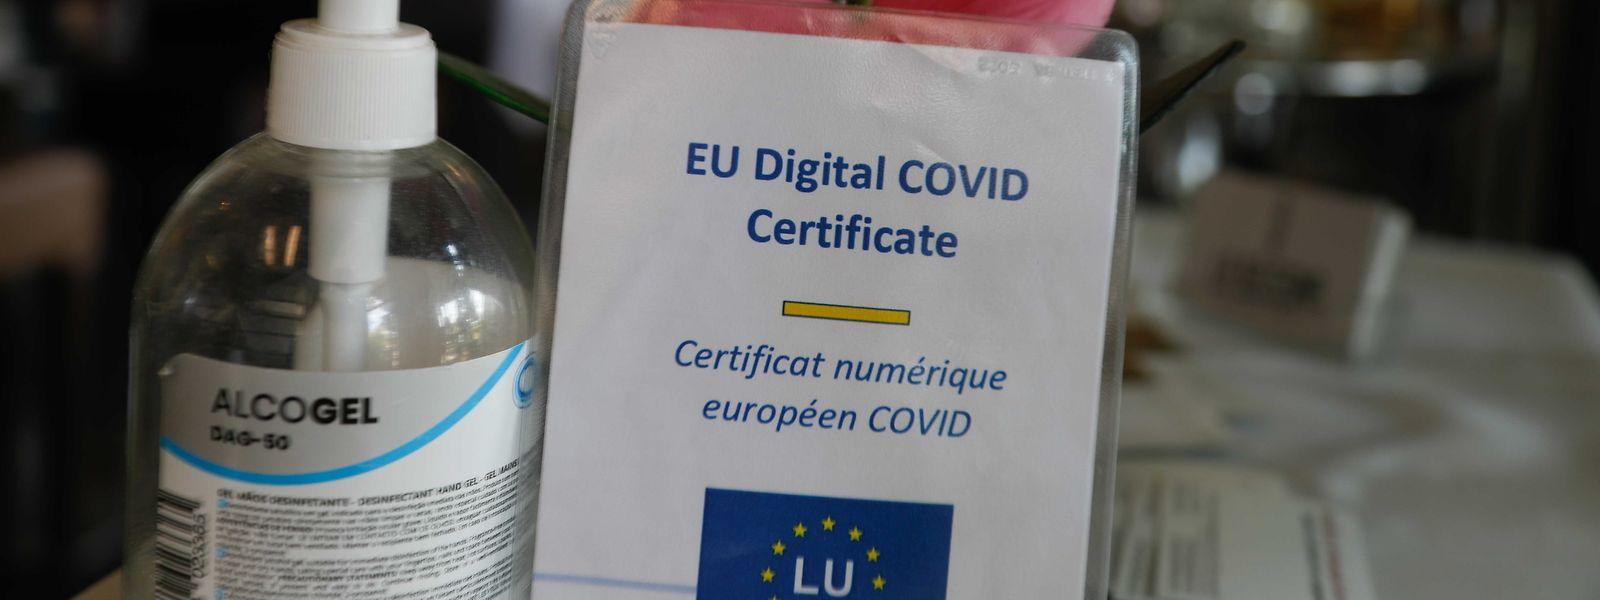 Die verschärften Covid-Check-Regeln seien eine indirekte Impfpflicht, moniert die Menschenrechtskommission.